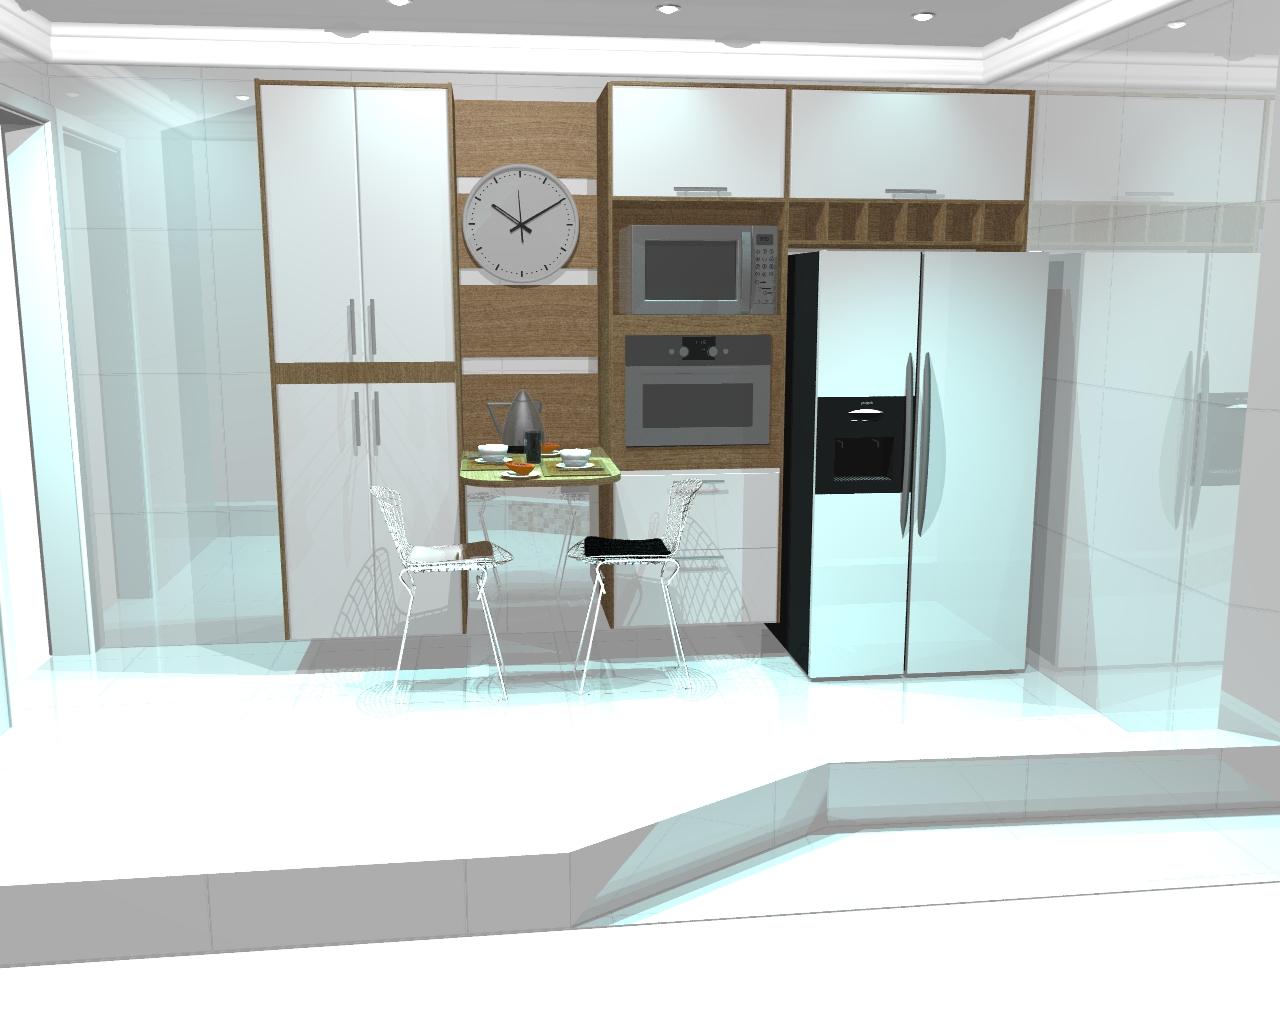 Misturando moderno com conservador torre paneleiro e bancada para  #5D4C35 1280 1024